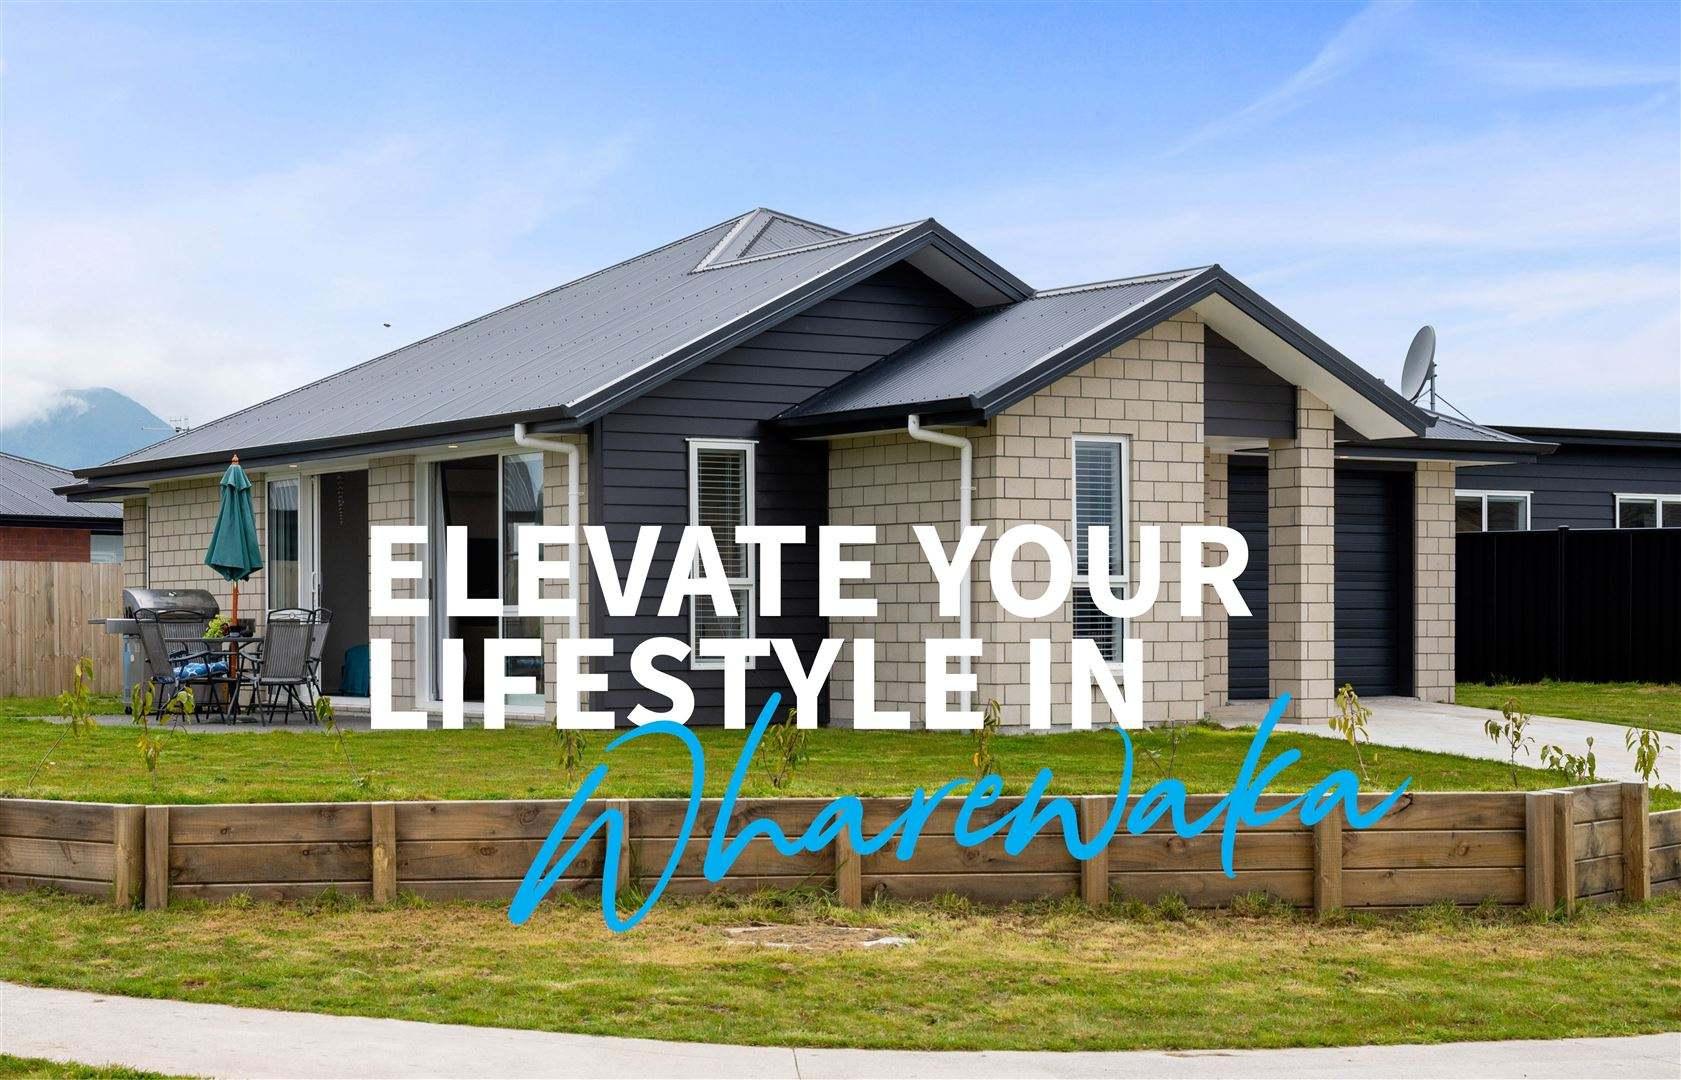 Wharewaka 3房 Elevate Your Lifestyle in Wharewaka